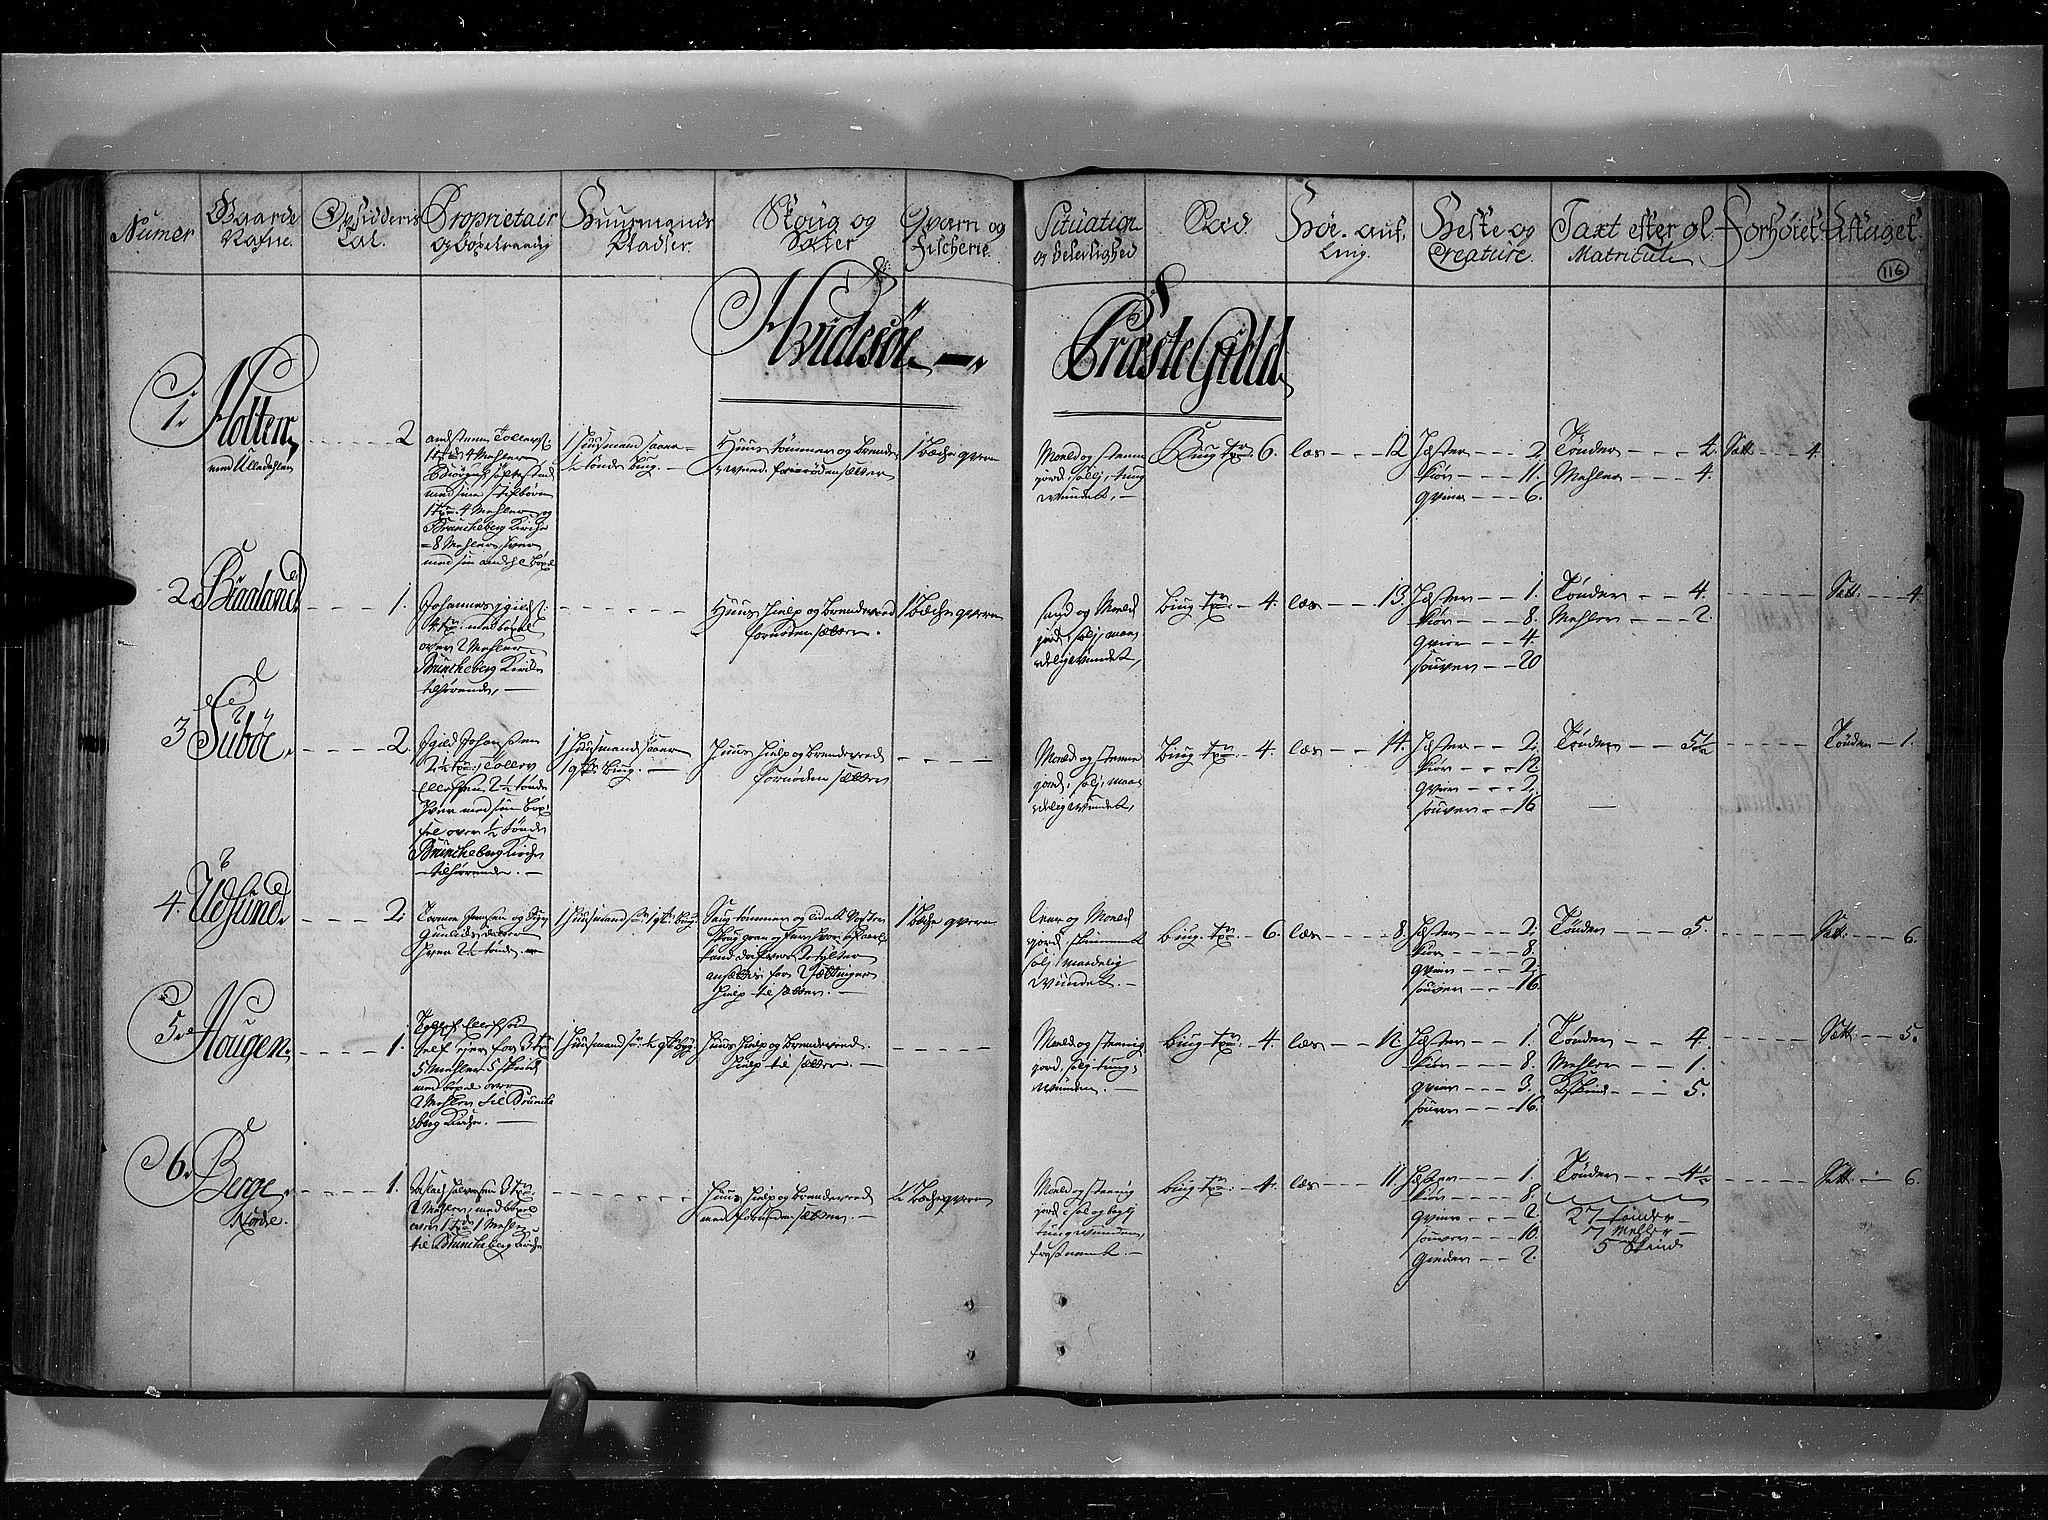 RA, Rentekammeret inntil 1814, Realistisk ordnet avdeling, N/Nb/Nbf/L0121: Øvre og Nedre Telemark eksaminasjonsprotokoll, 1723, s. 115b-116a